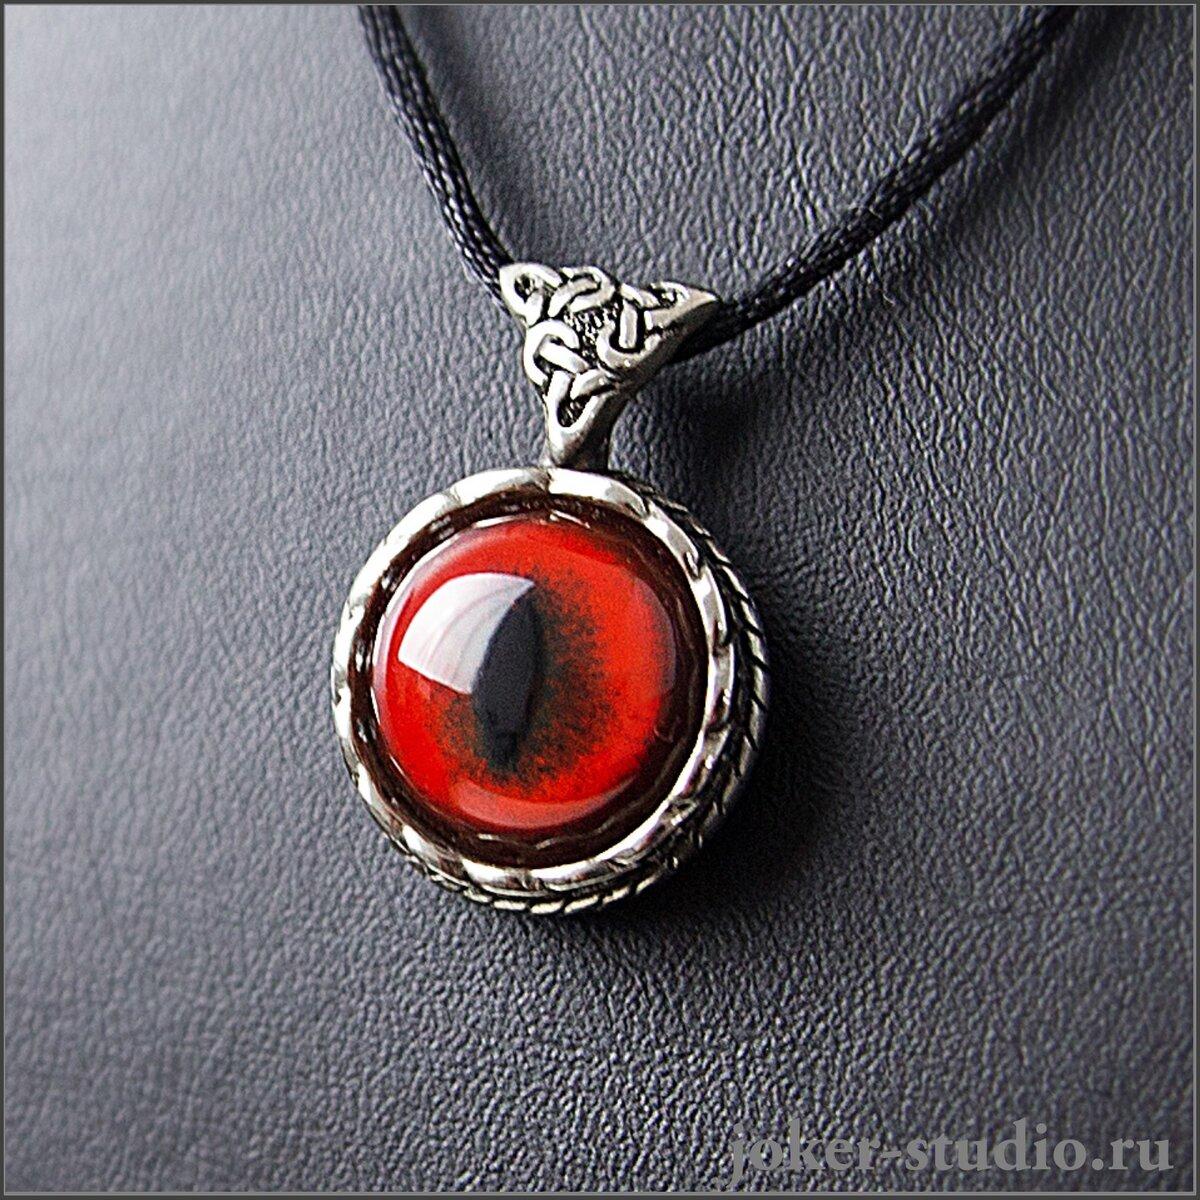 Всевидящее око (глаз в треугольнике) - значение символа (фото)